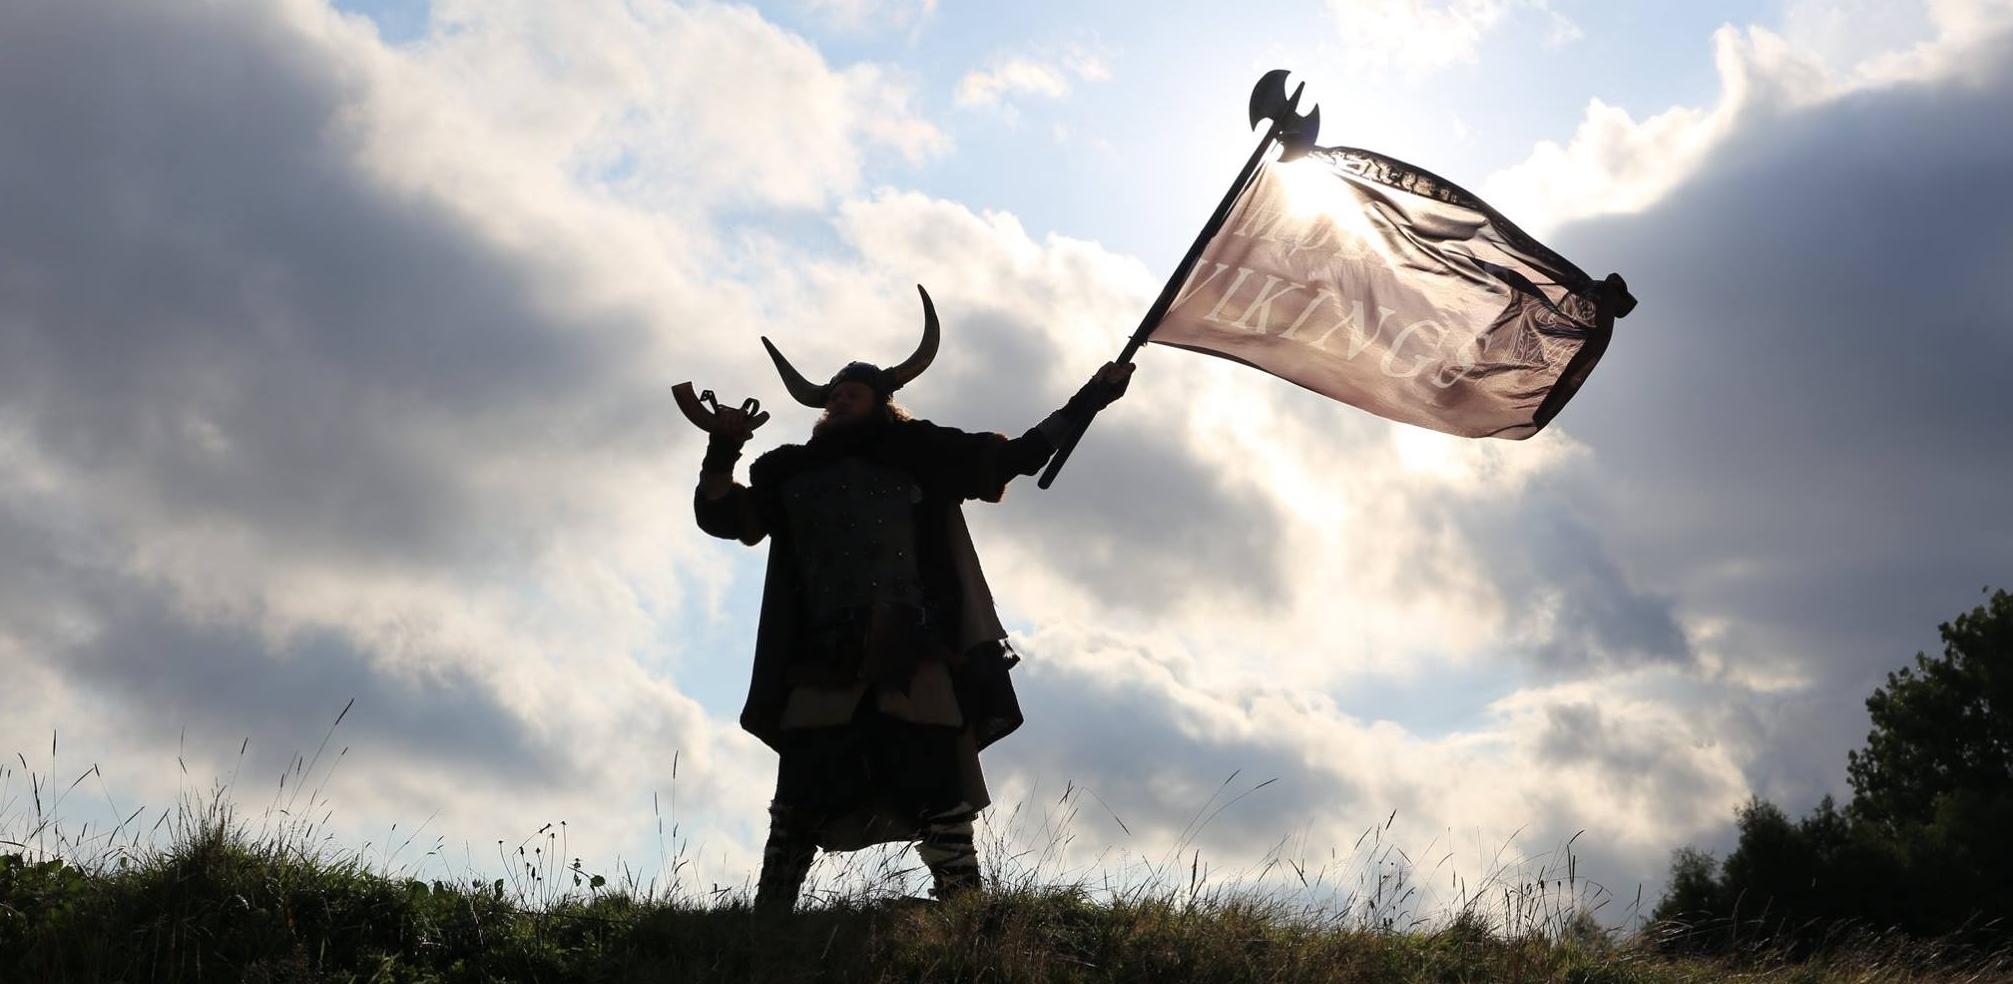 No proszę, Mobile Vikings wchodzą w no limit!